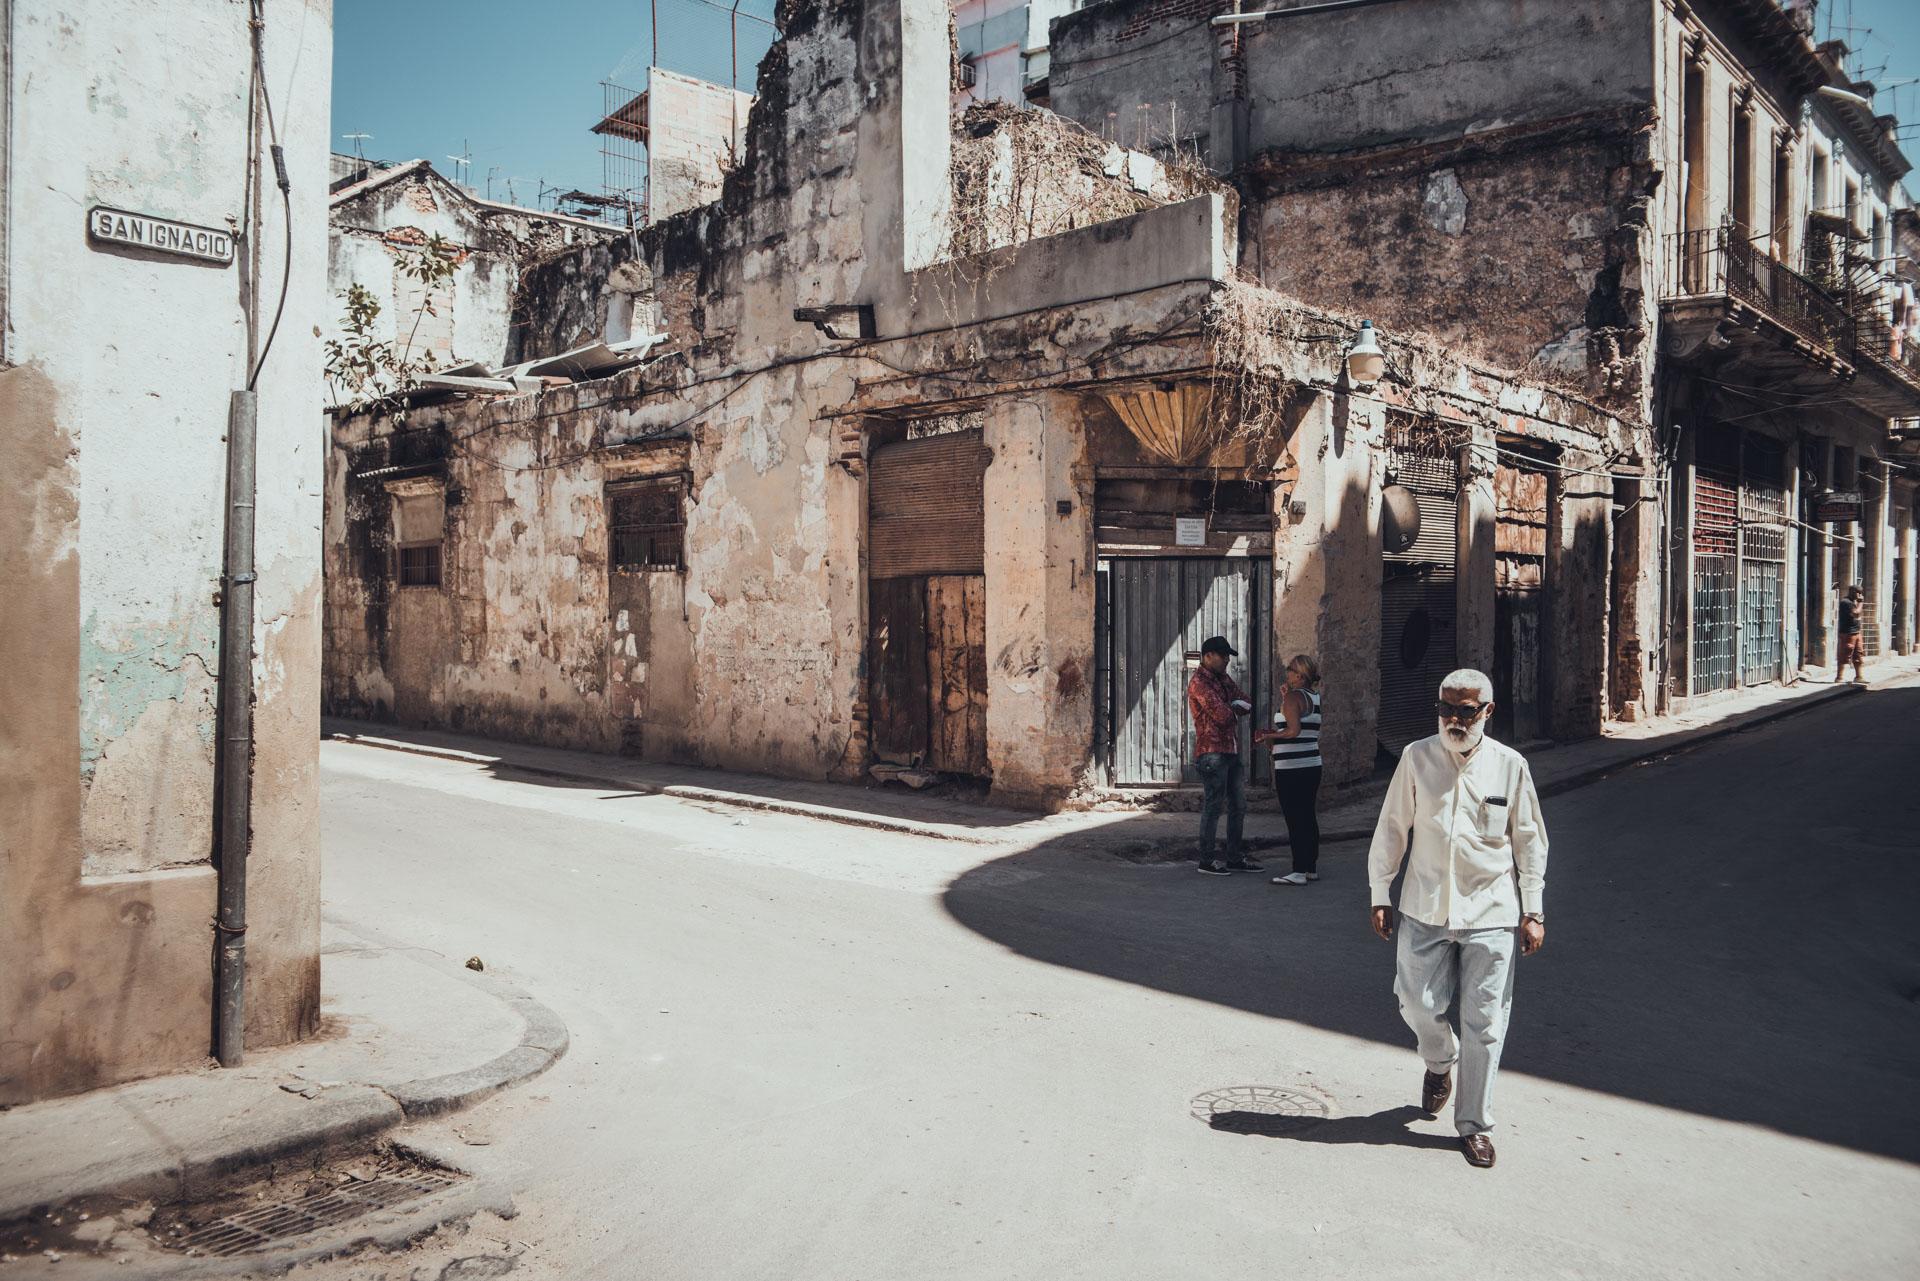 Cuba_StijnHoekstra-15.jpg